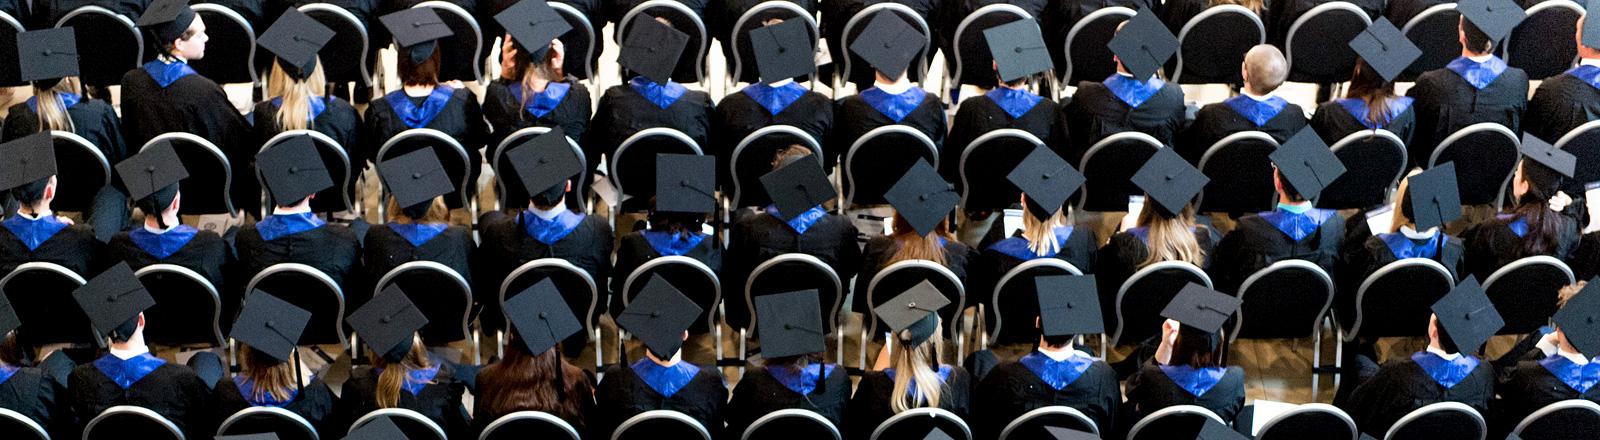 Uni-Absolventen in Reih und Glied